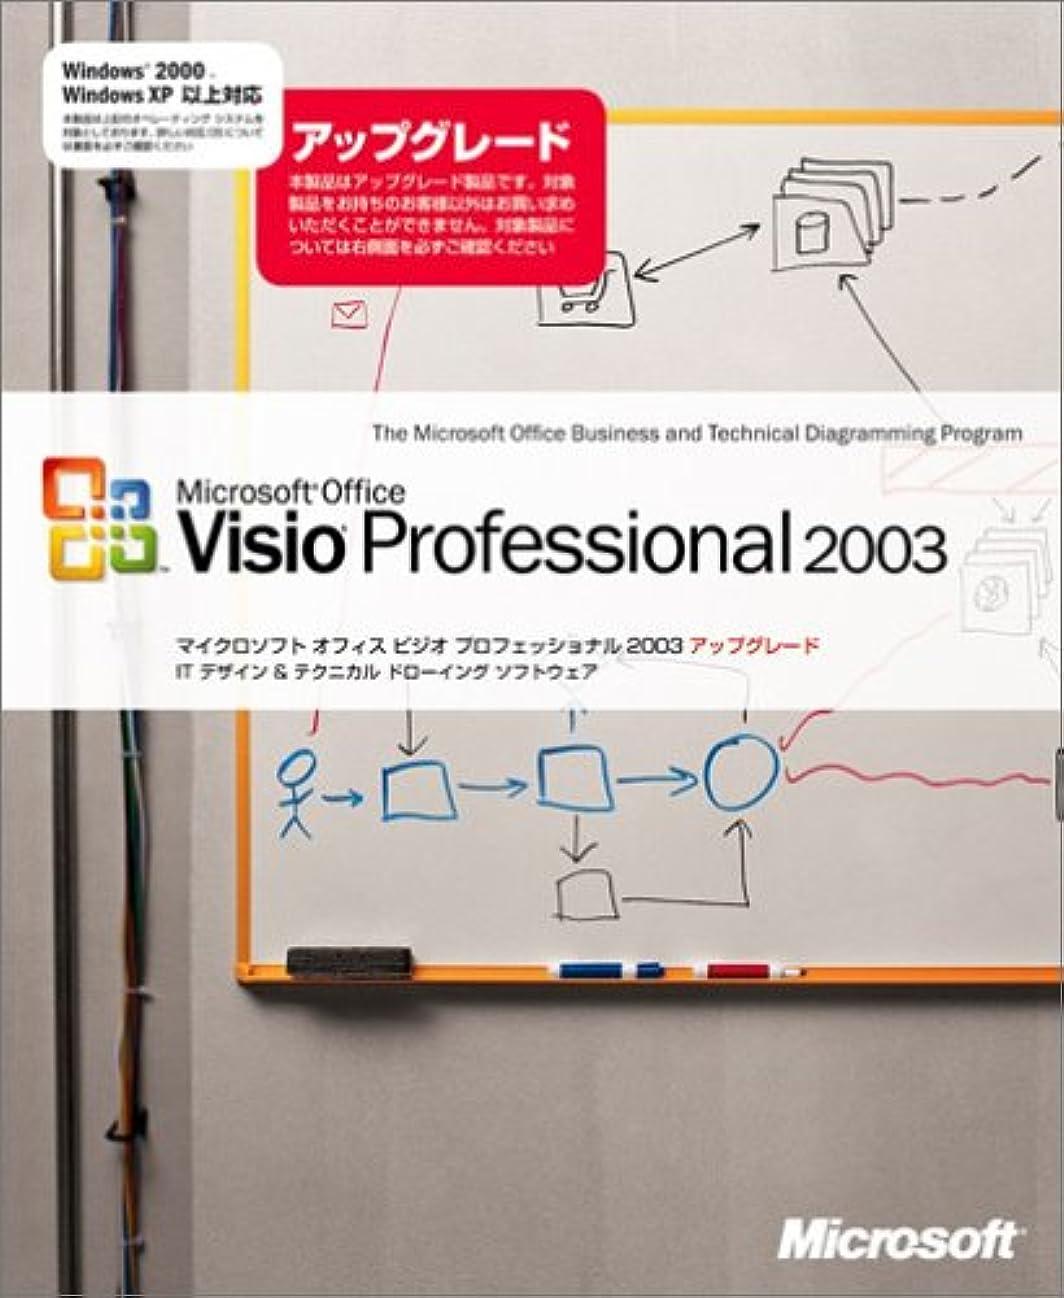 反対したスタッフ曖昧な【旧商品/サポート終了】Microsoft Visio Professional 2003 Version/Product Upgrade